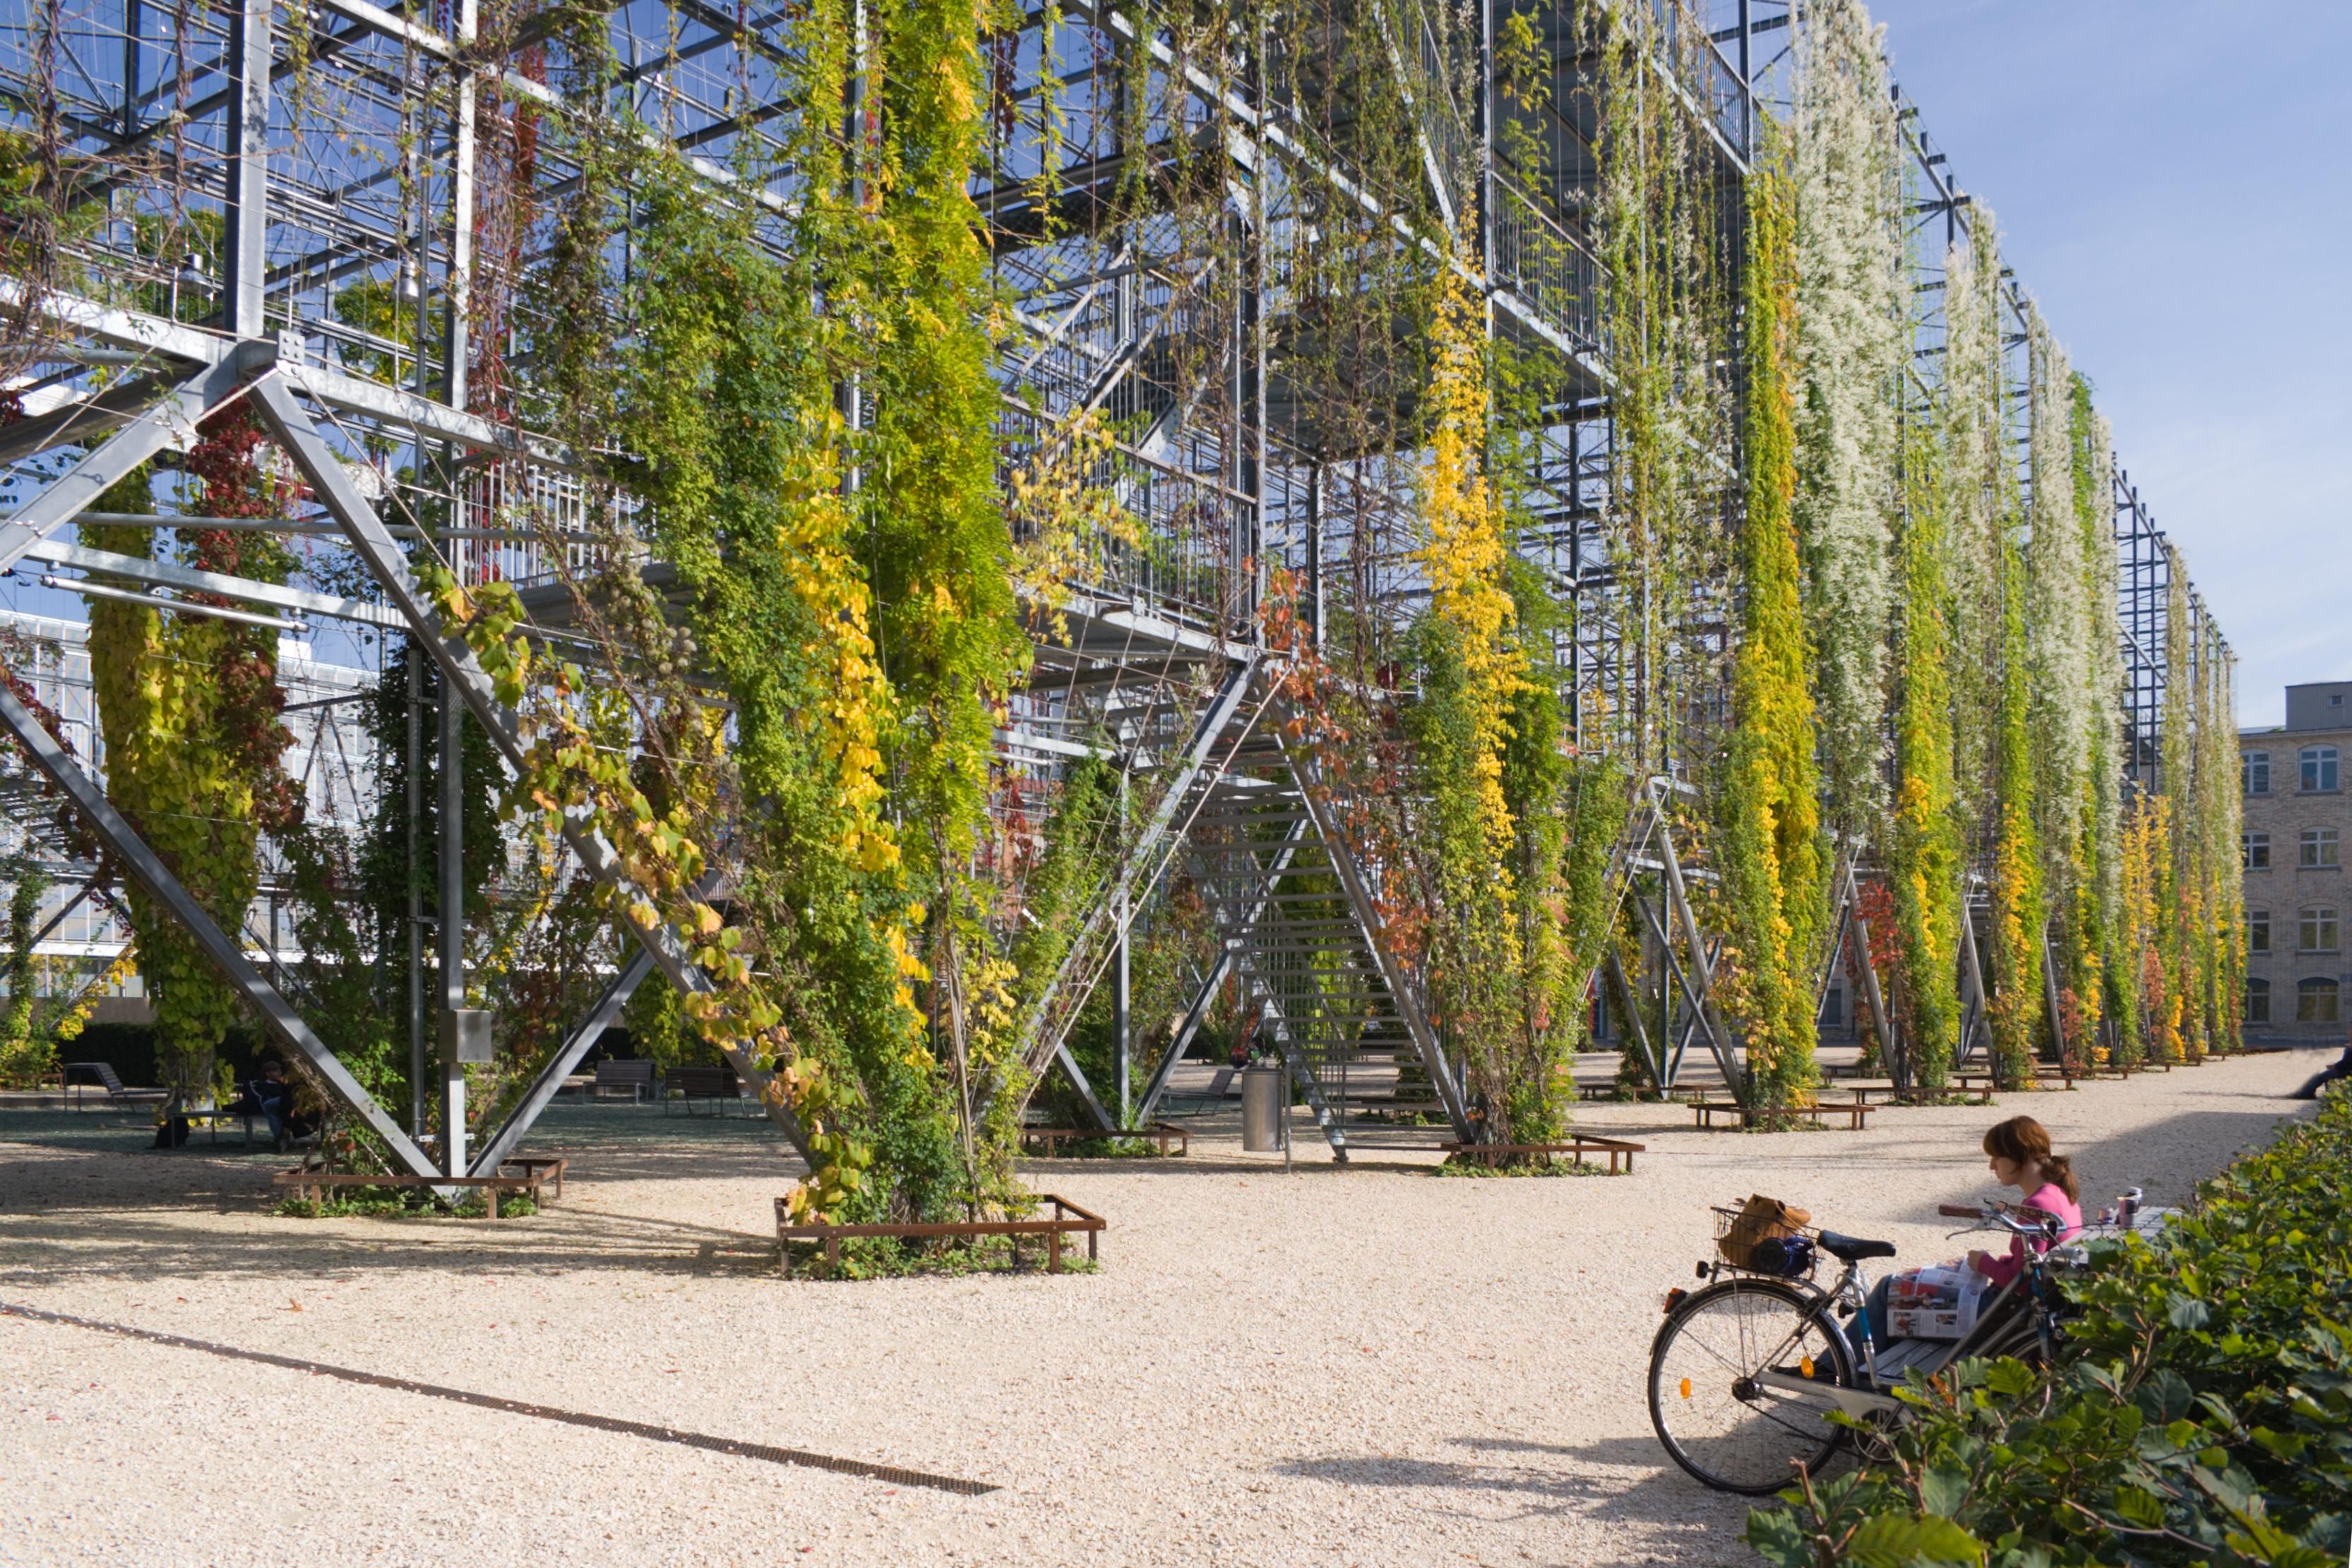 Zurich Nature Park